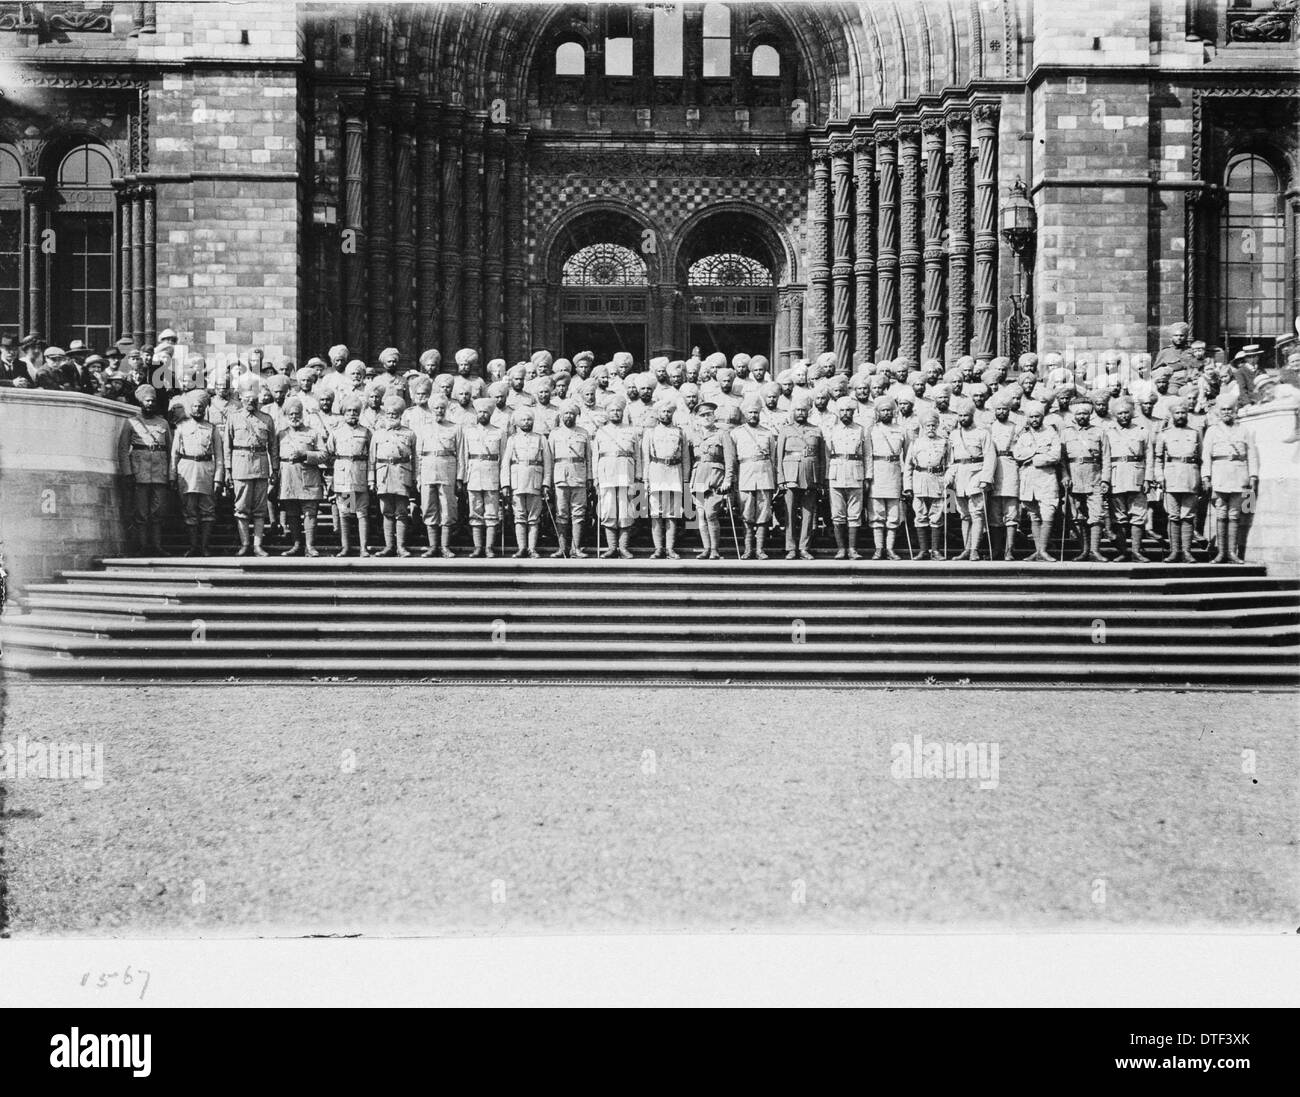 Los soldados indios en la entrada, el 15 de agosto de 1919 Imagen De Stock